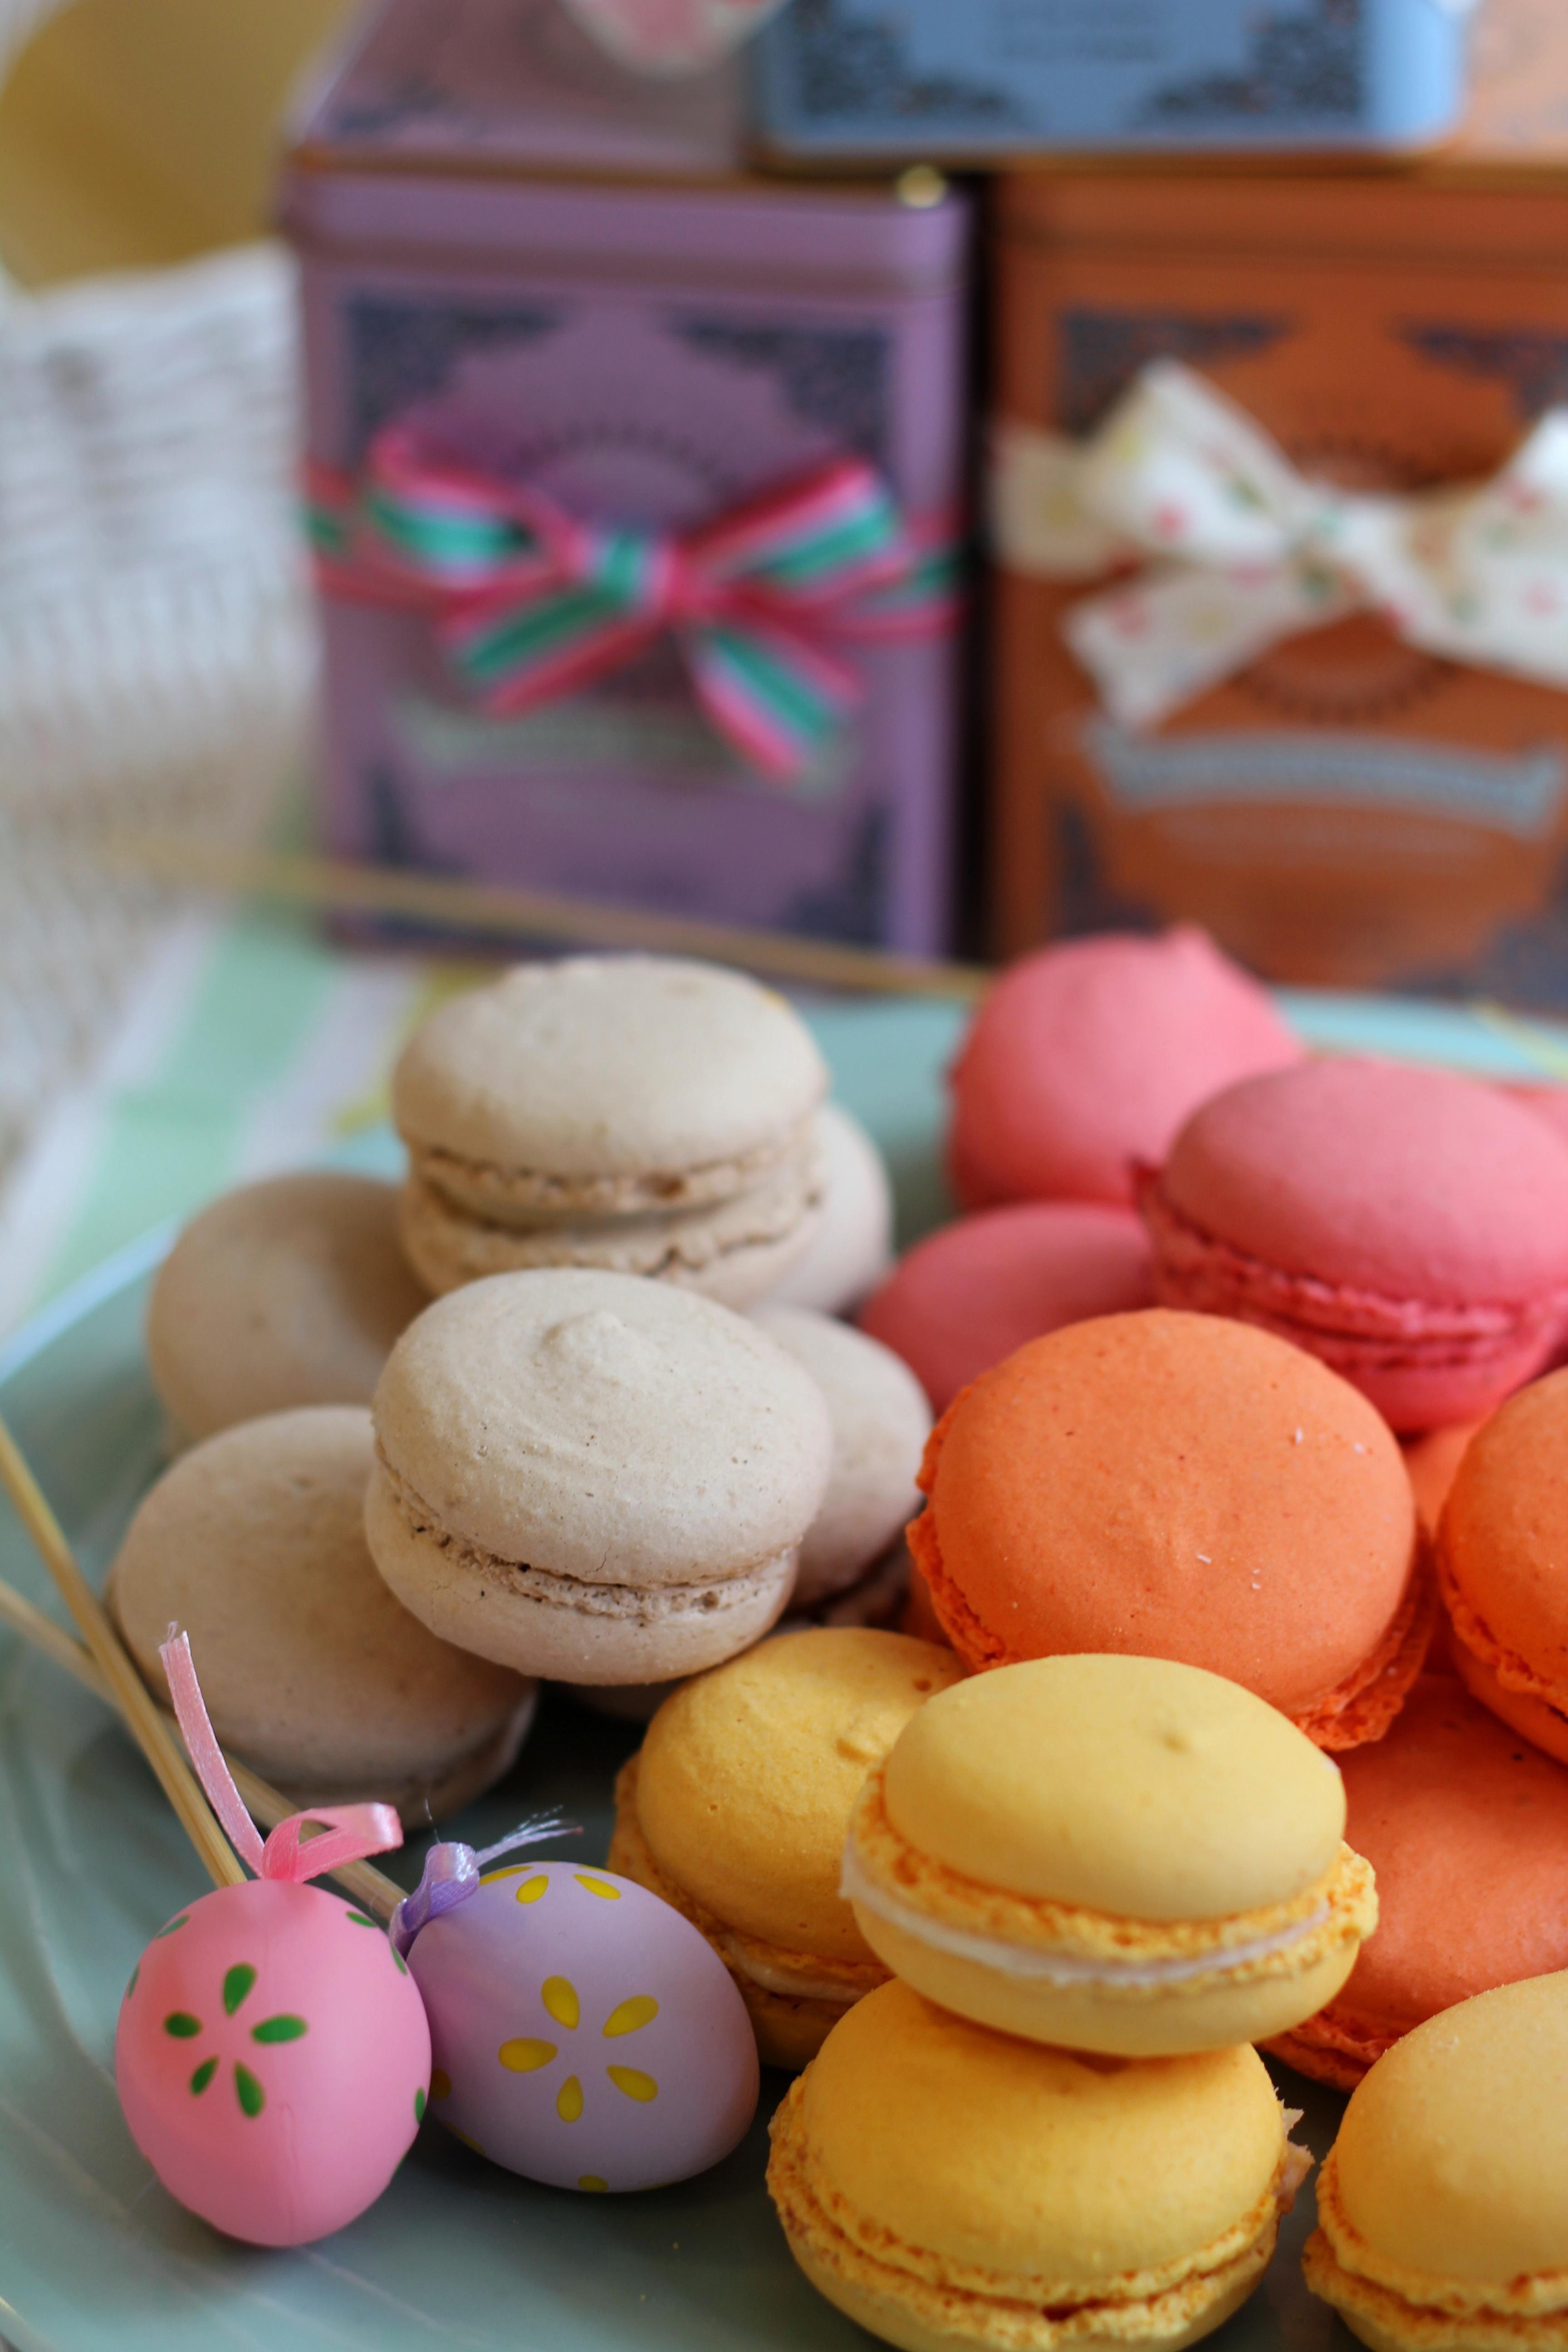 Martina´s macarons and Harney & Sons teas: 42€/kg of macarons. Los macarons de Martina y los tés de Harney & sons, una combinación irresistible: 42€/kg de macarons.  www.facebook.com/martinazuricaldaybilbao